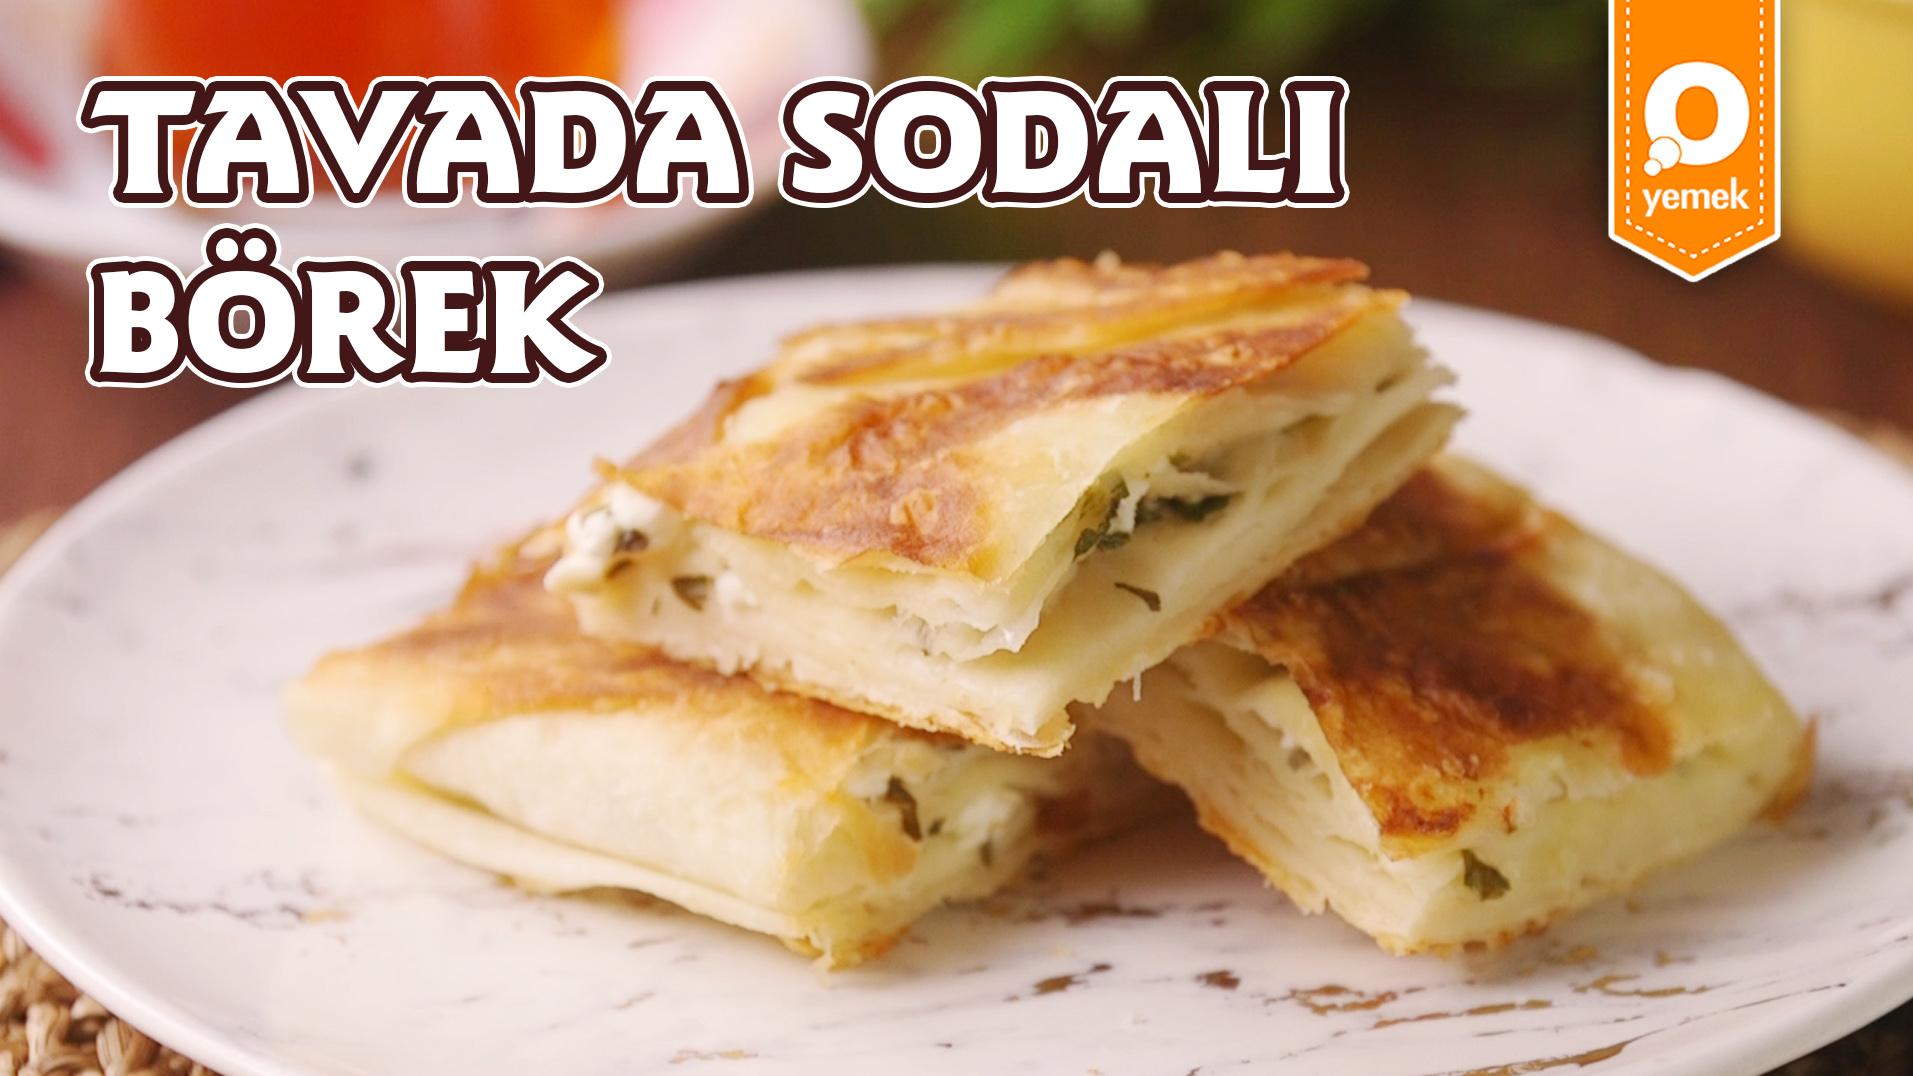 Ağzınıza Layık Böreğin Sırrı: Soda! Tavada Sodalı Börek Nasıl Yapılır?